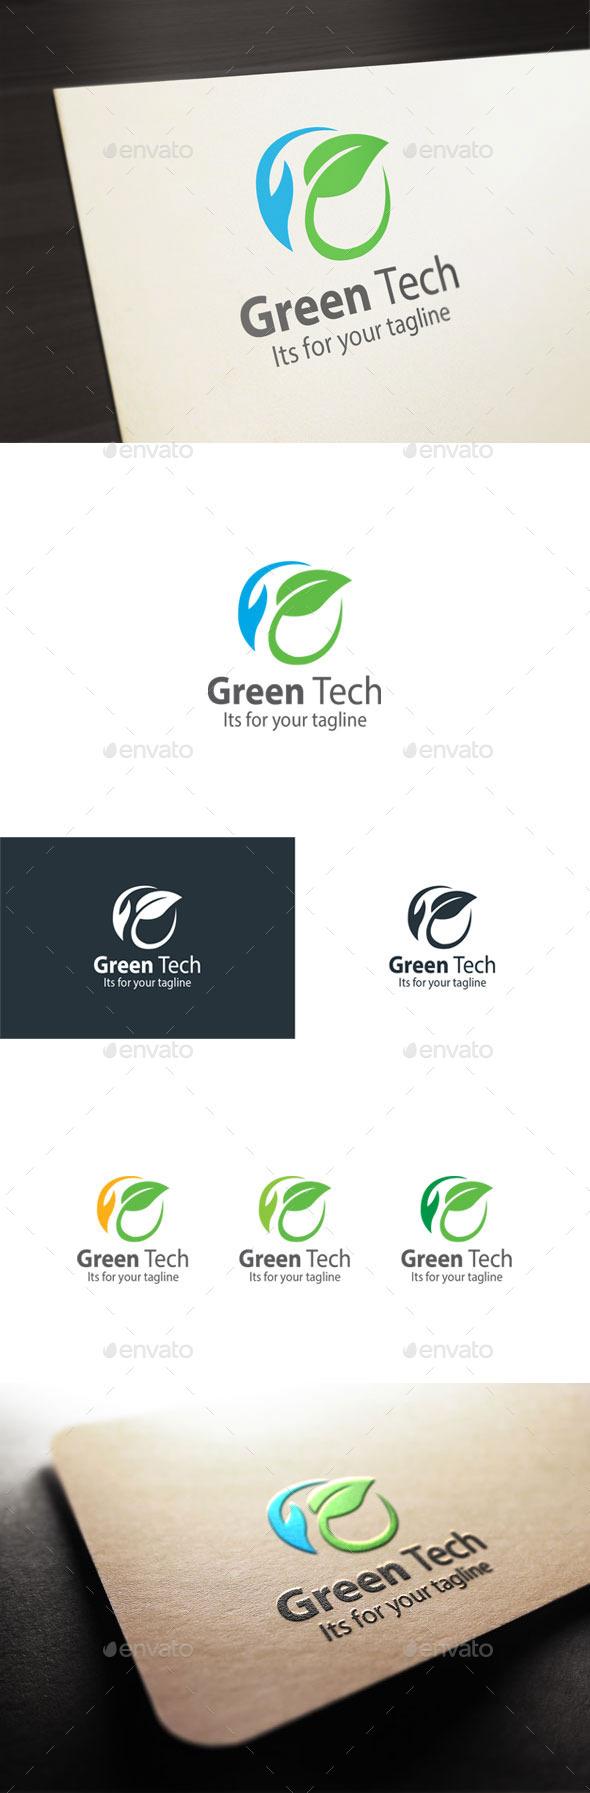 GraphicRiver Green Tech 10600015